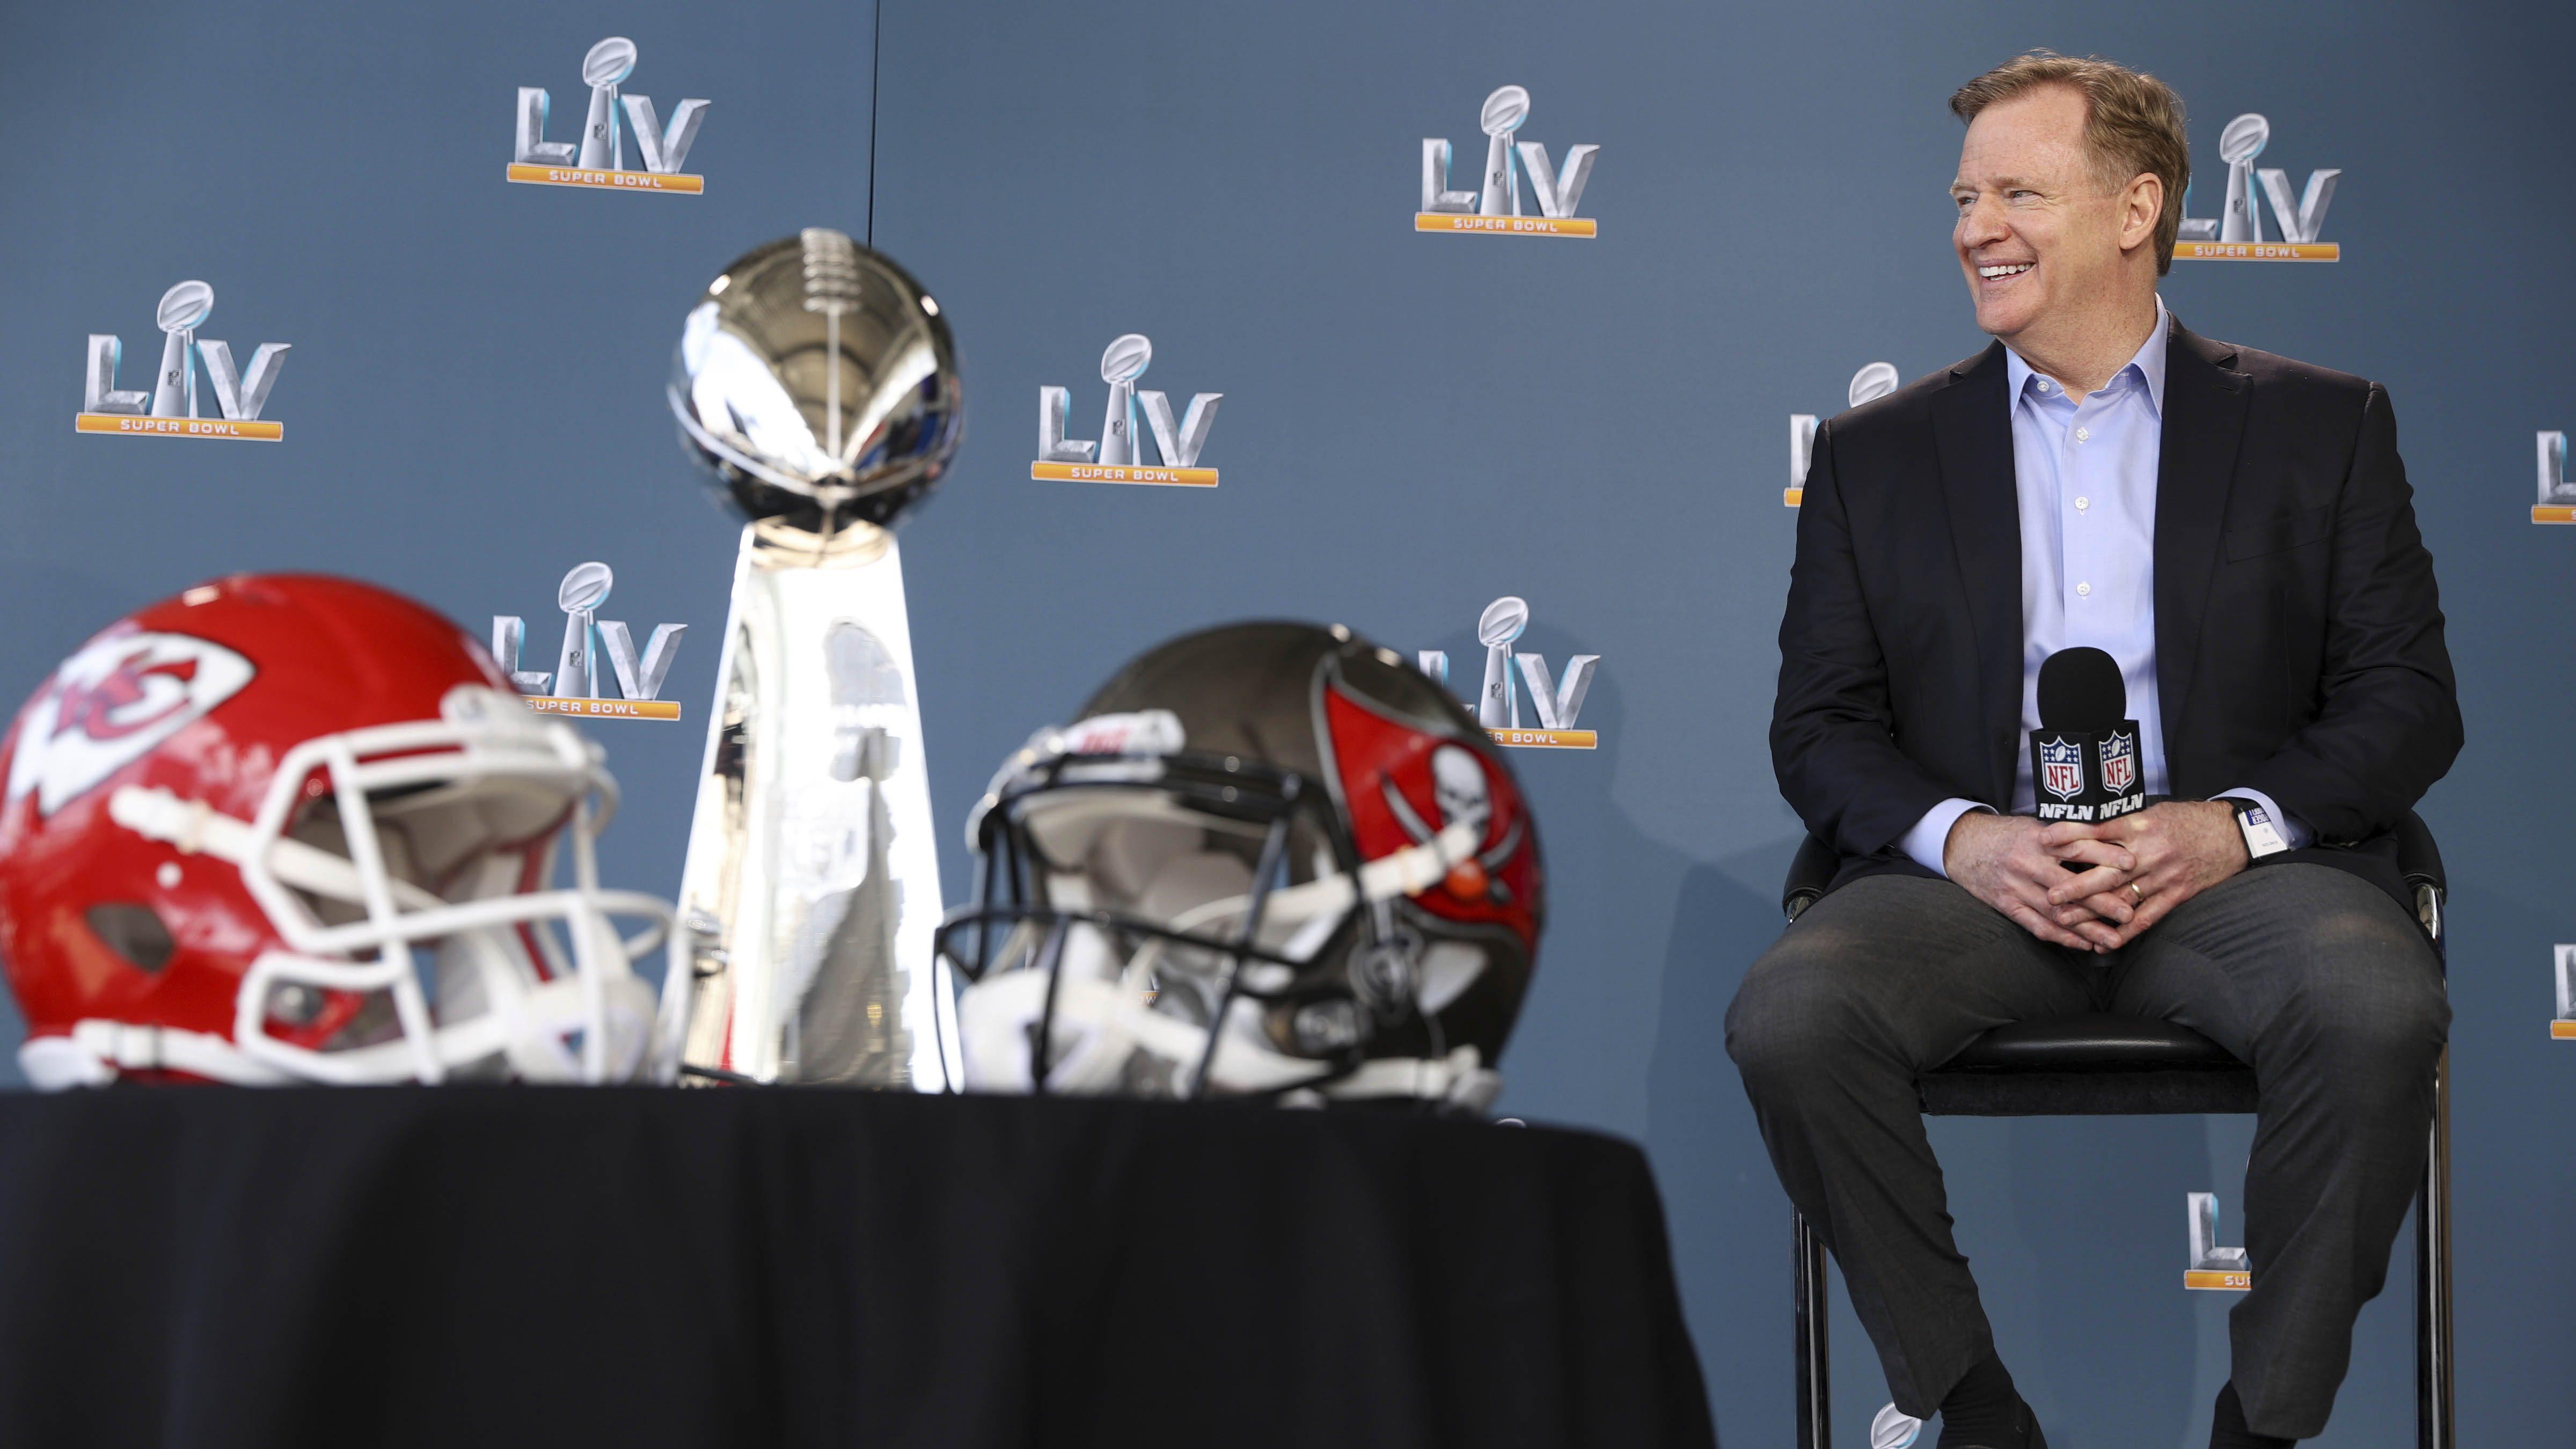 NFL: Super Bowl LV-Roger Goodell Press Conference